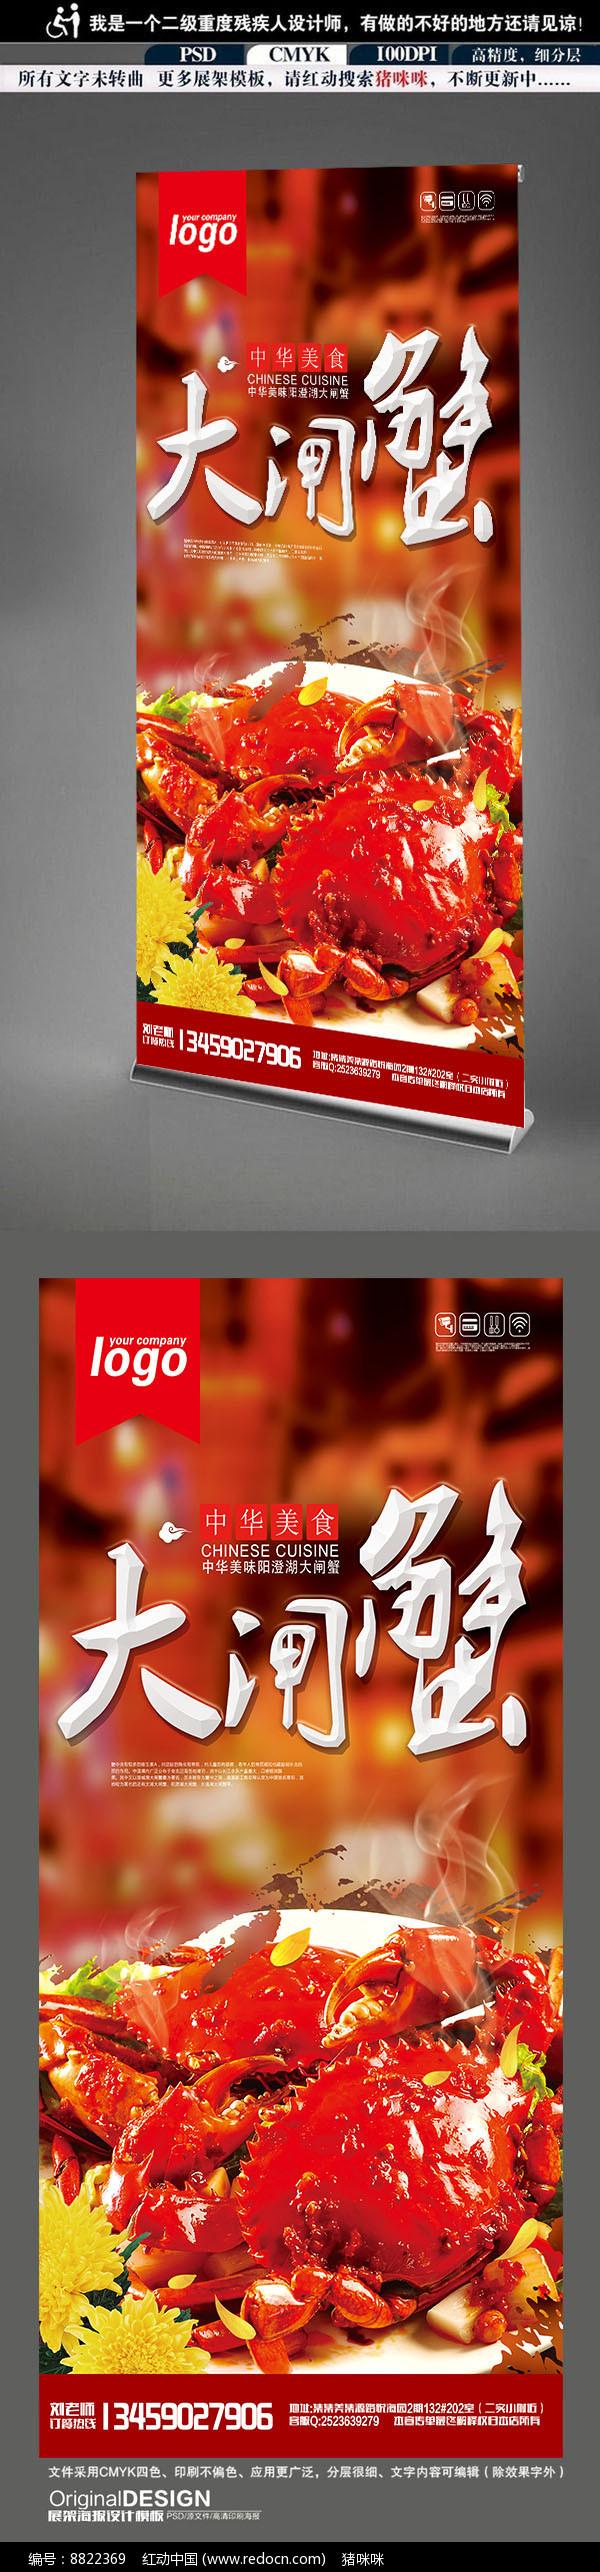 大闸蟹餐饮宣传促销易拉宝图片